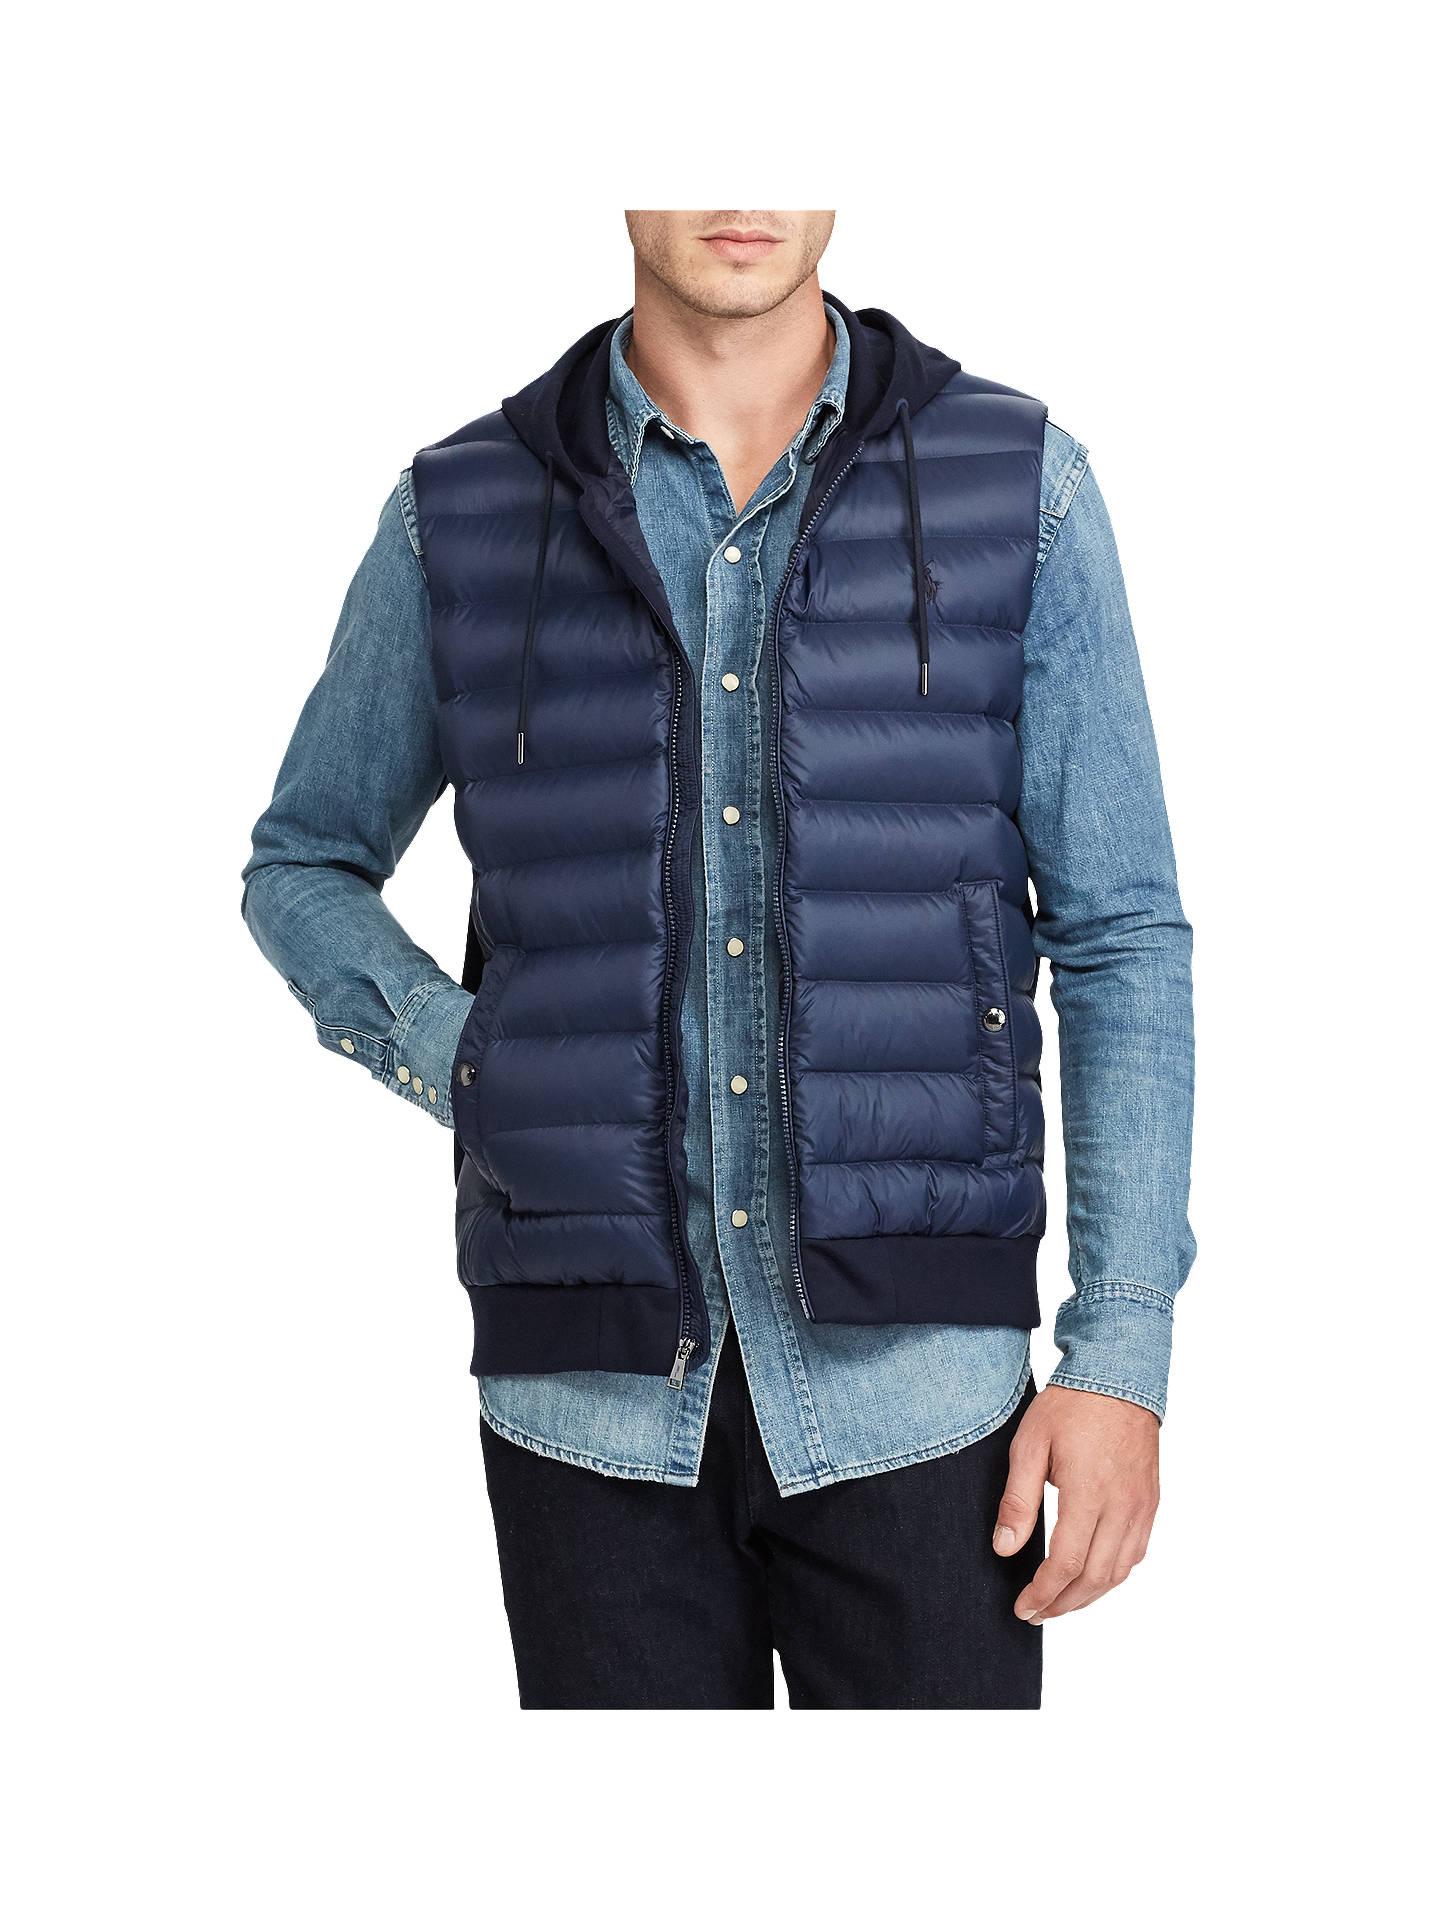 4f5e8deb9 Buy Polo Ralph Lauren Hybrid Vest